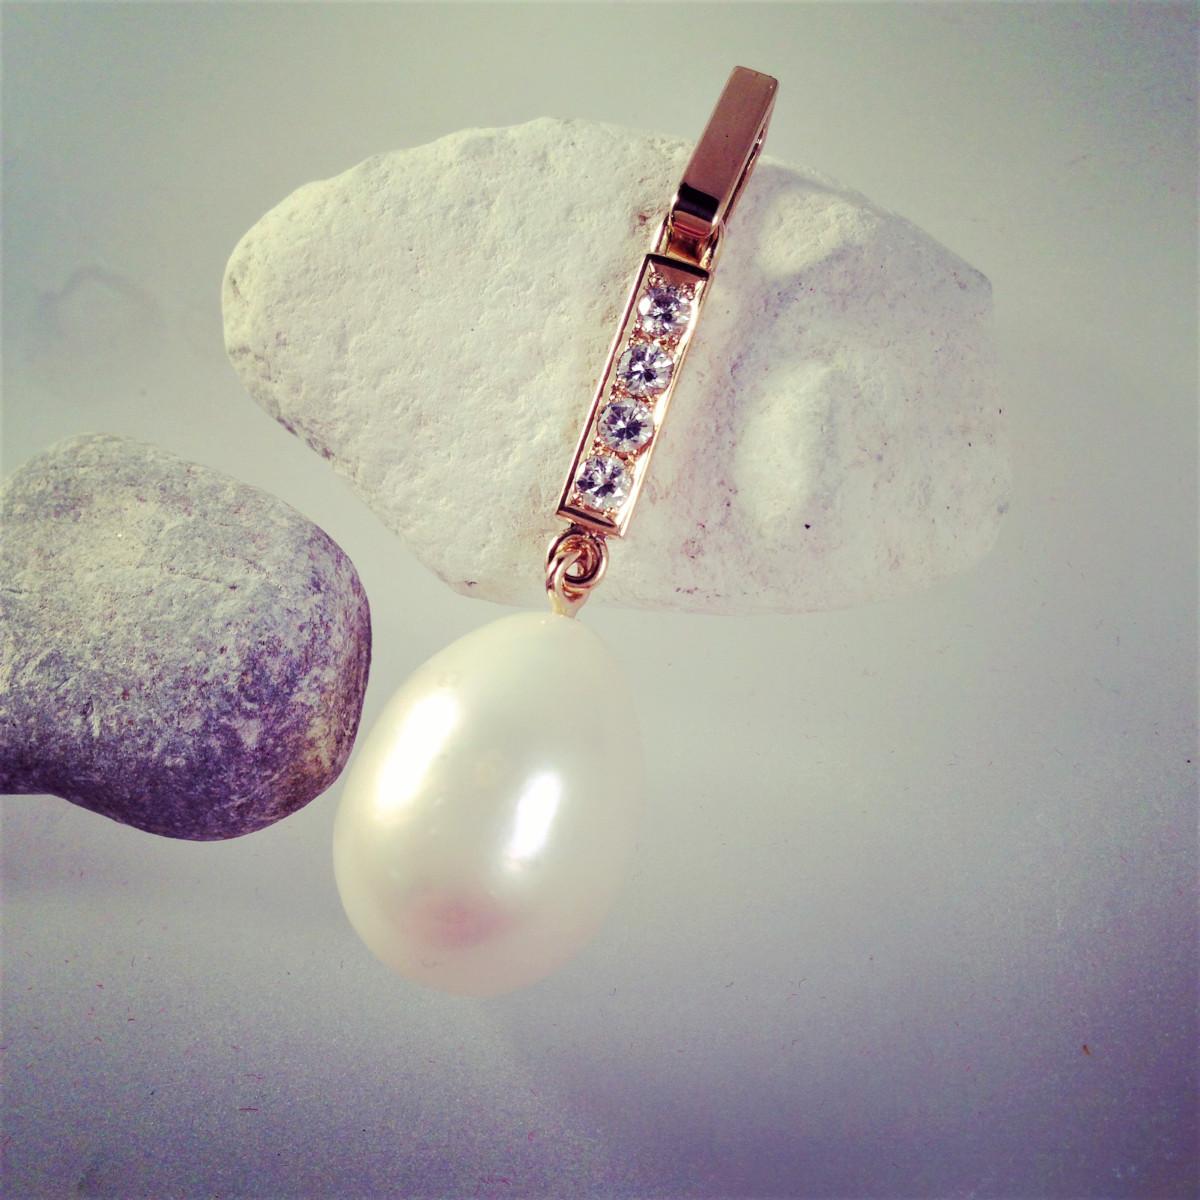 Guldhängsmycke med saltvattenspärla och diamanter